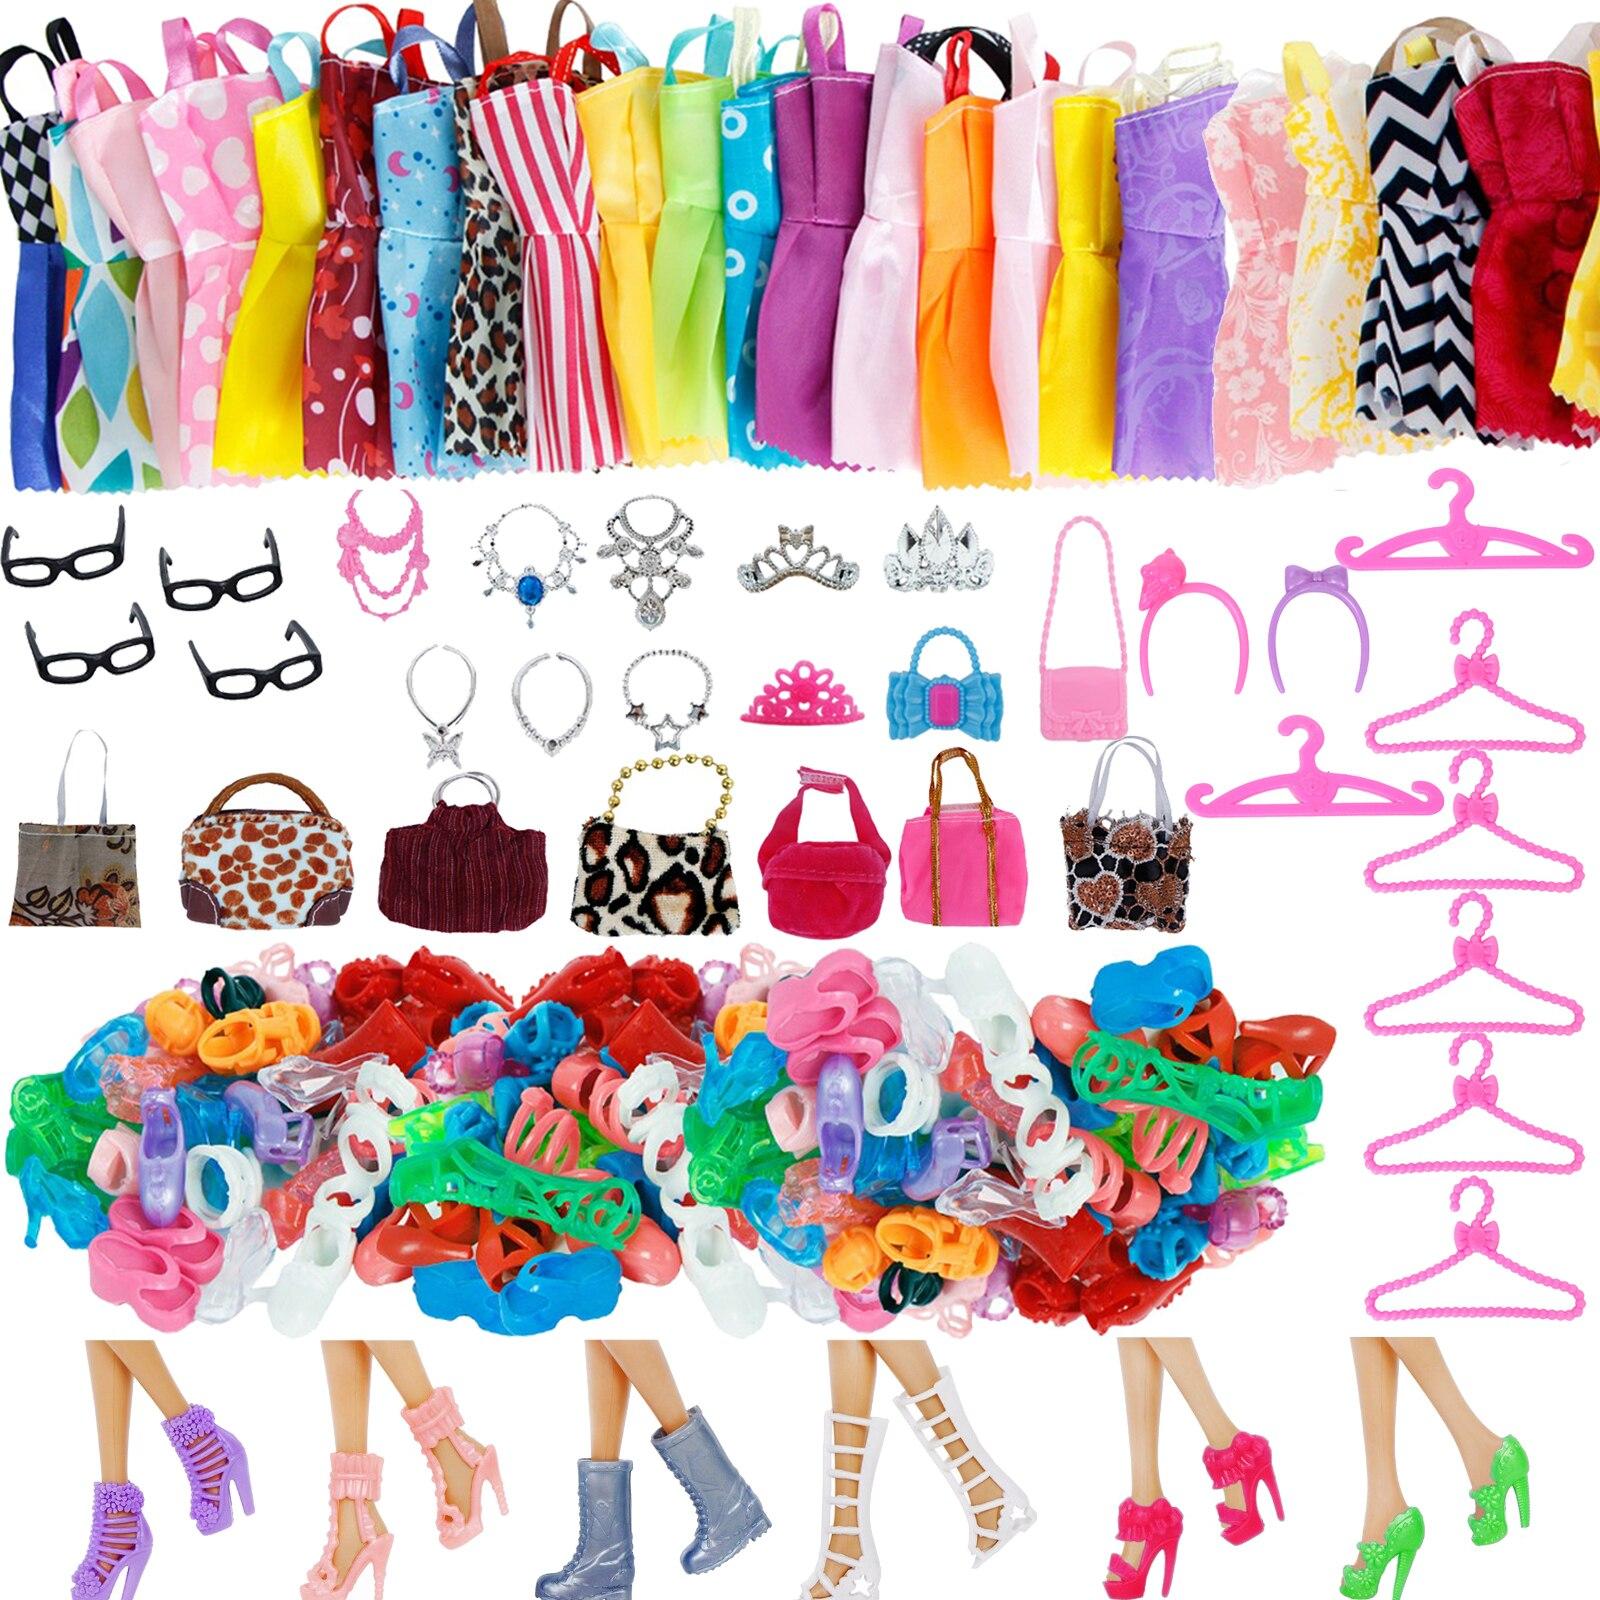 1 набор, аксессуары для кукол, обувь для куклы Барби, сапоги, мини-платье, сумки, вешалки для короны, очки, Одежда для куклы, детская игрушка, 12 дюймов